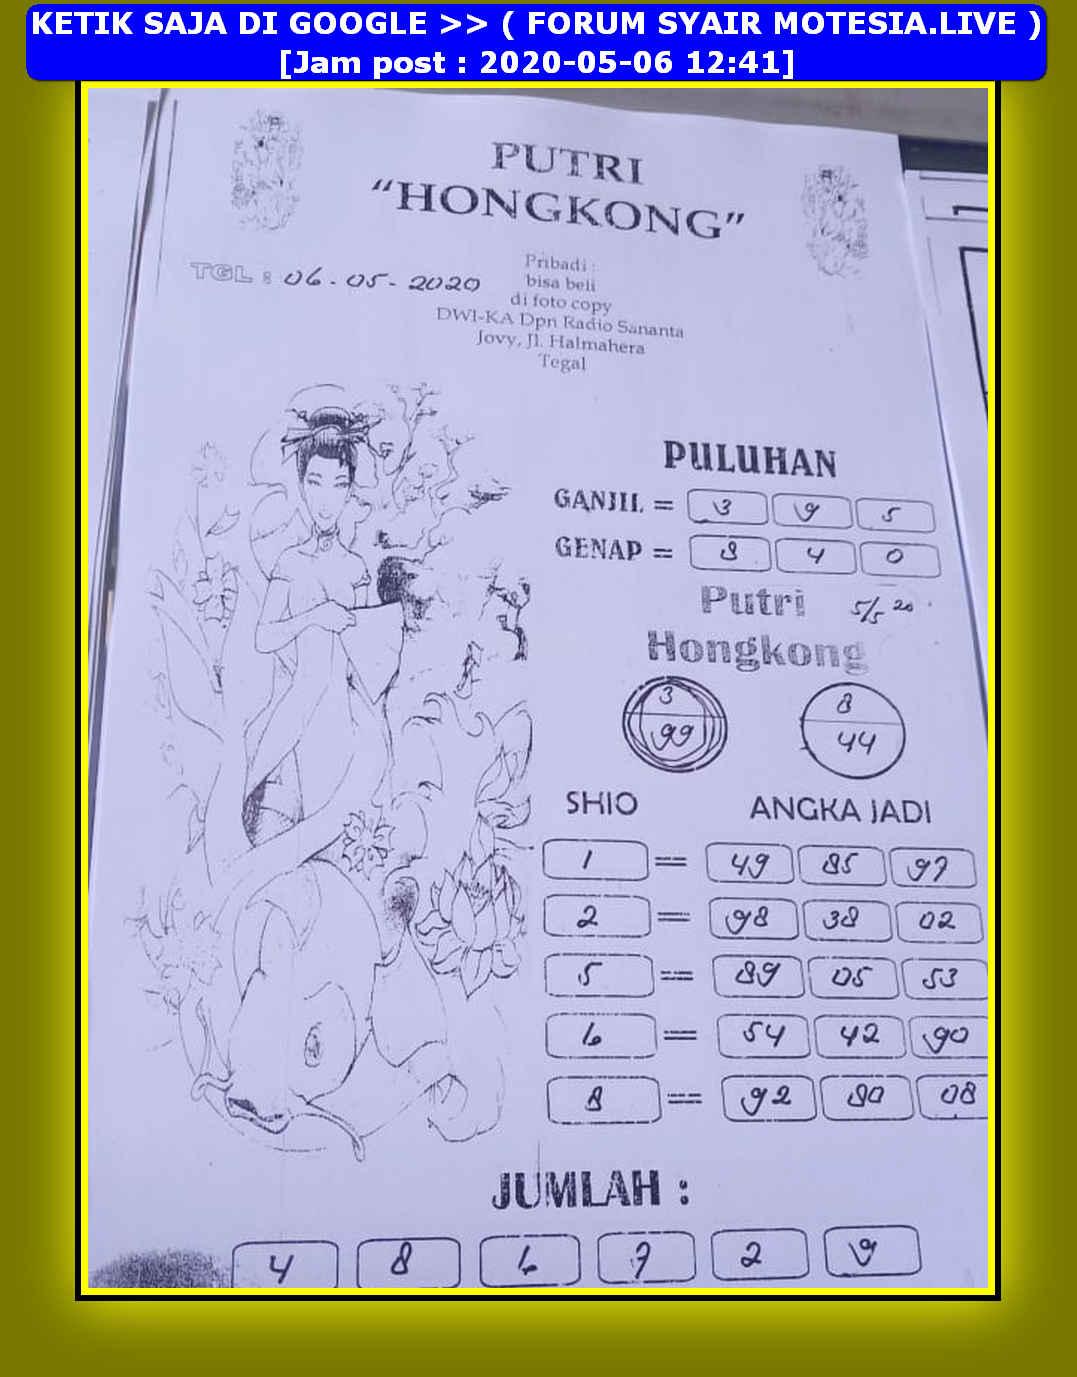 Kode syair Hongkong Rabu 6 Mei 2020 63